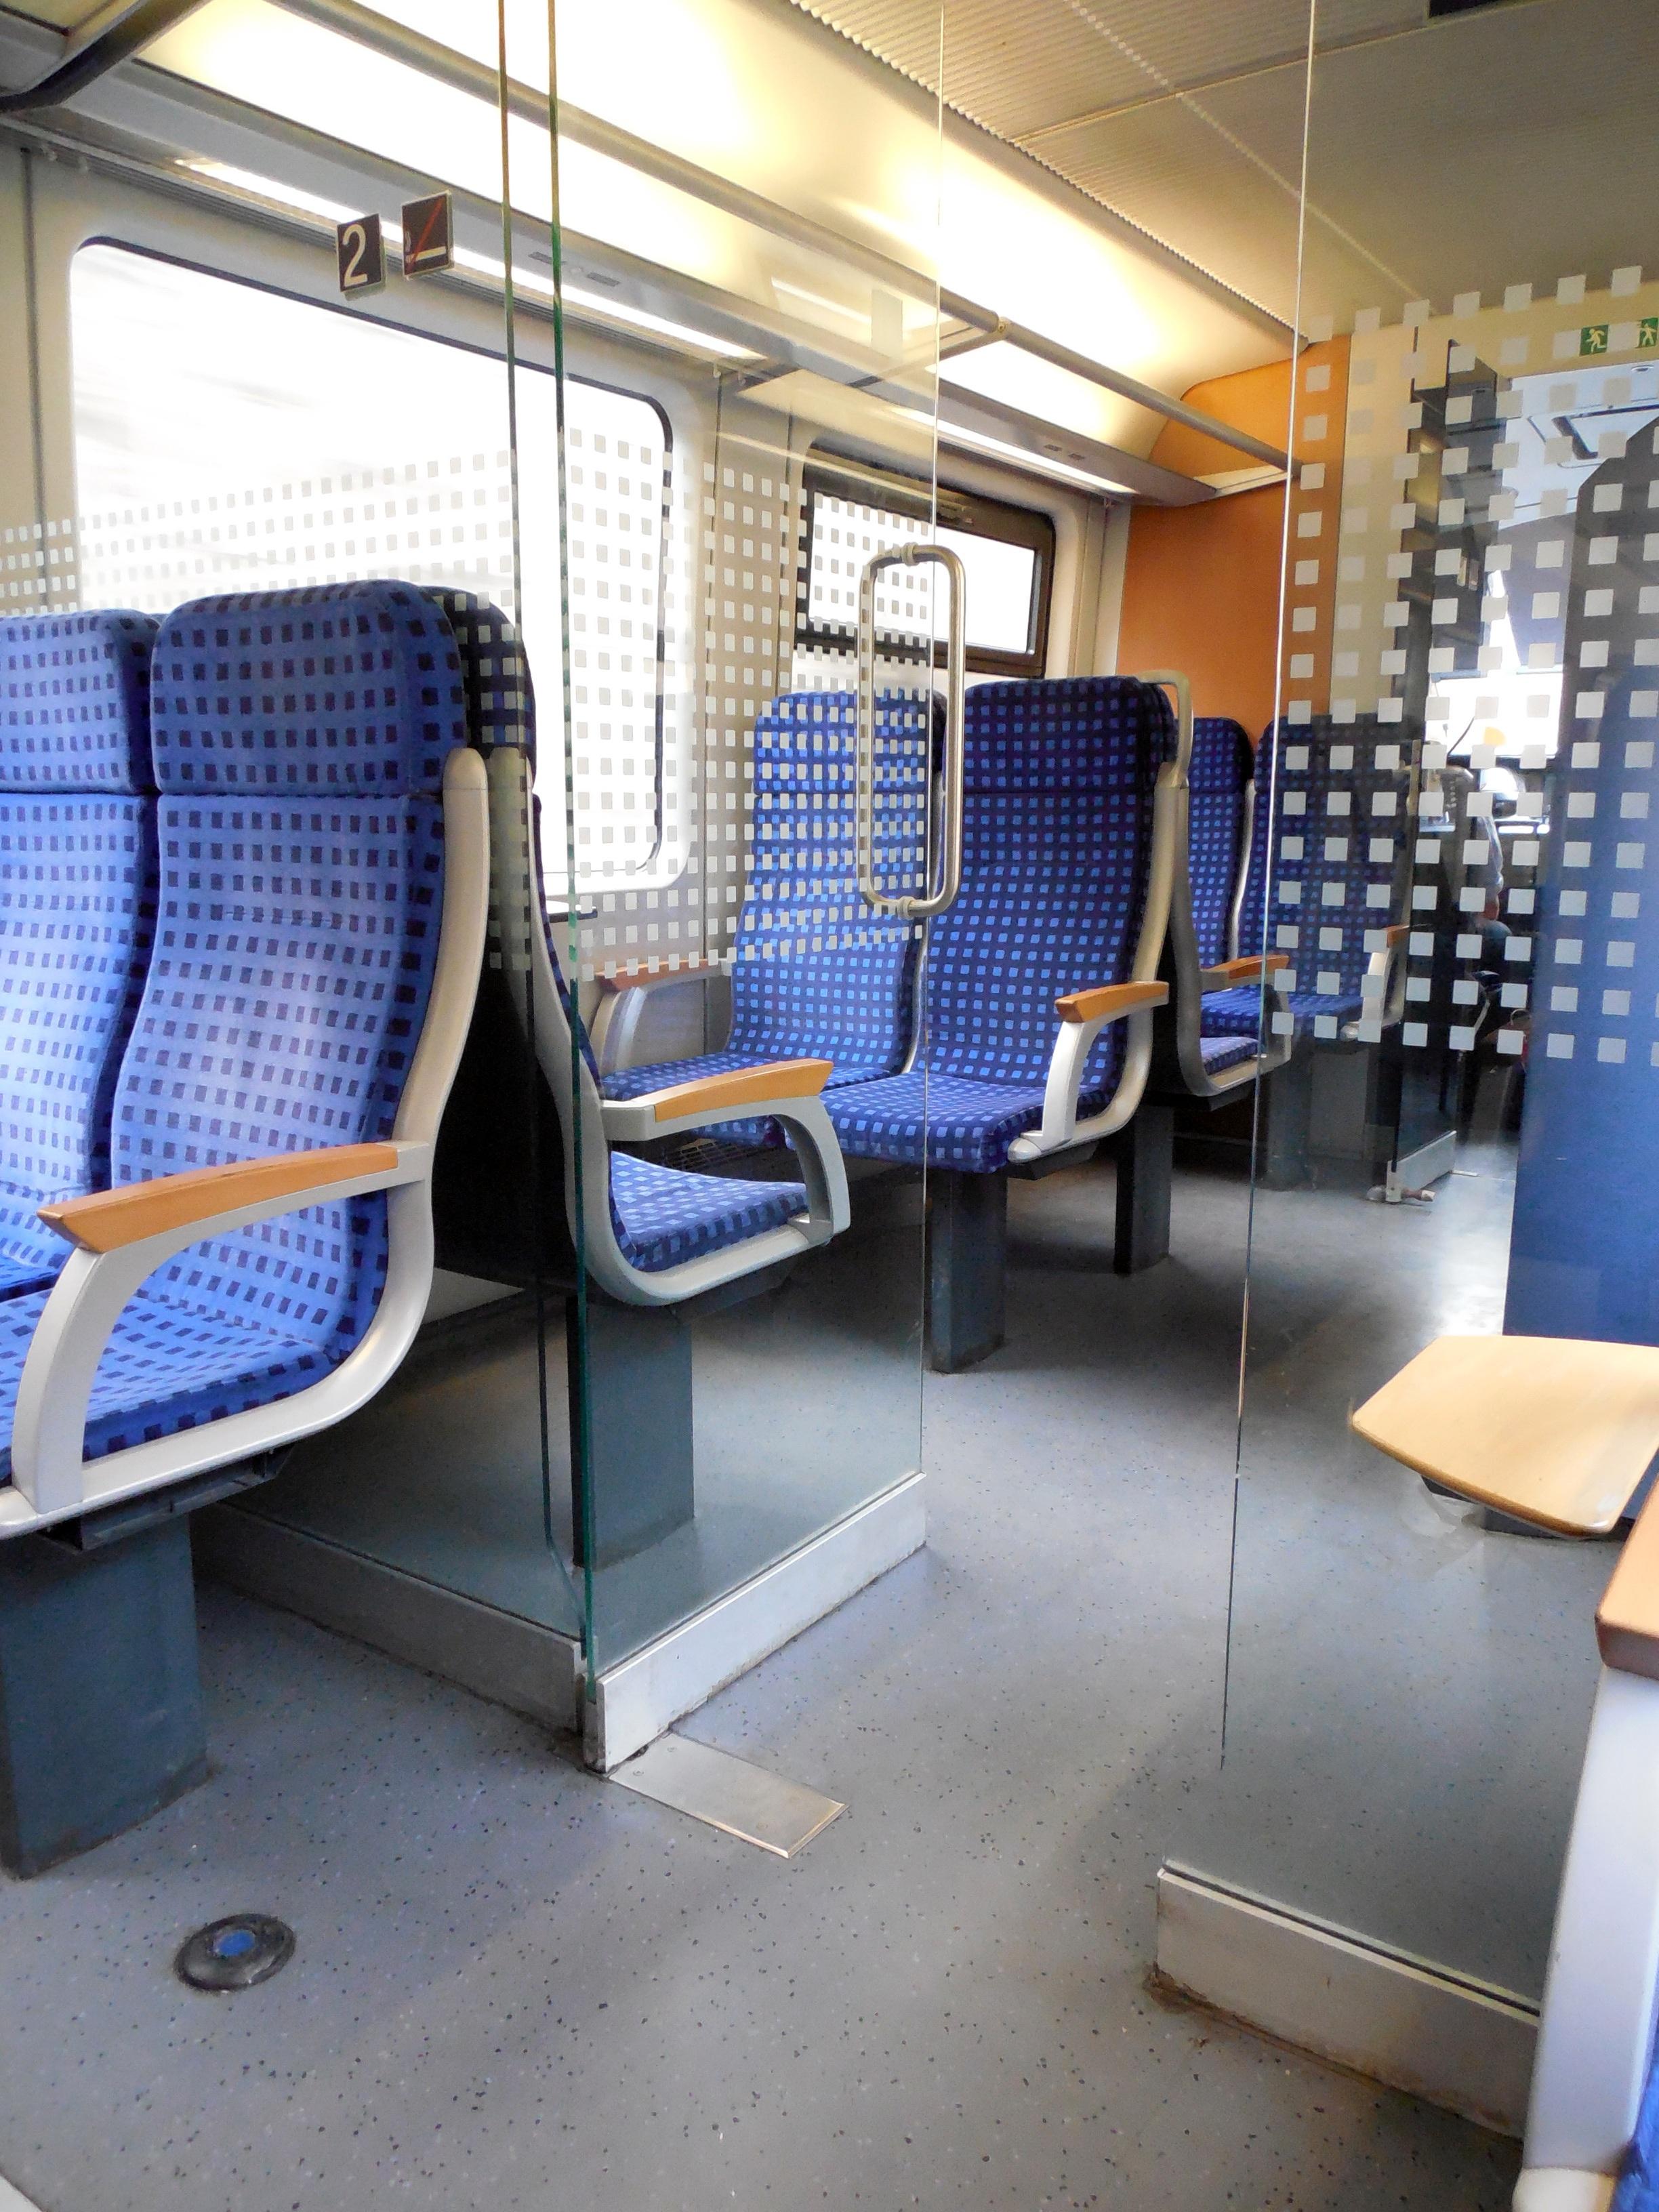 movil ferrocarril piso asiento tren viajar vehiculo salida mueble habitacion diseno de interiores diseno locomocion piso